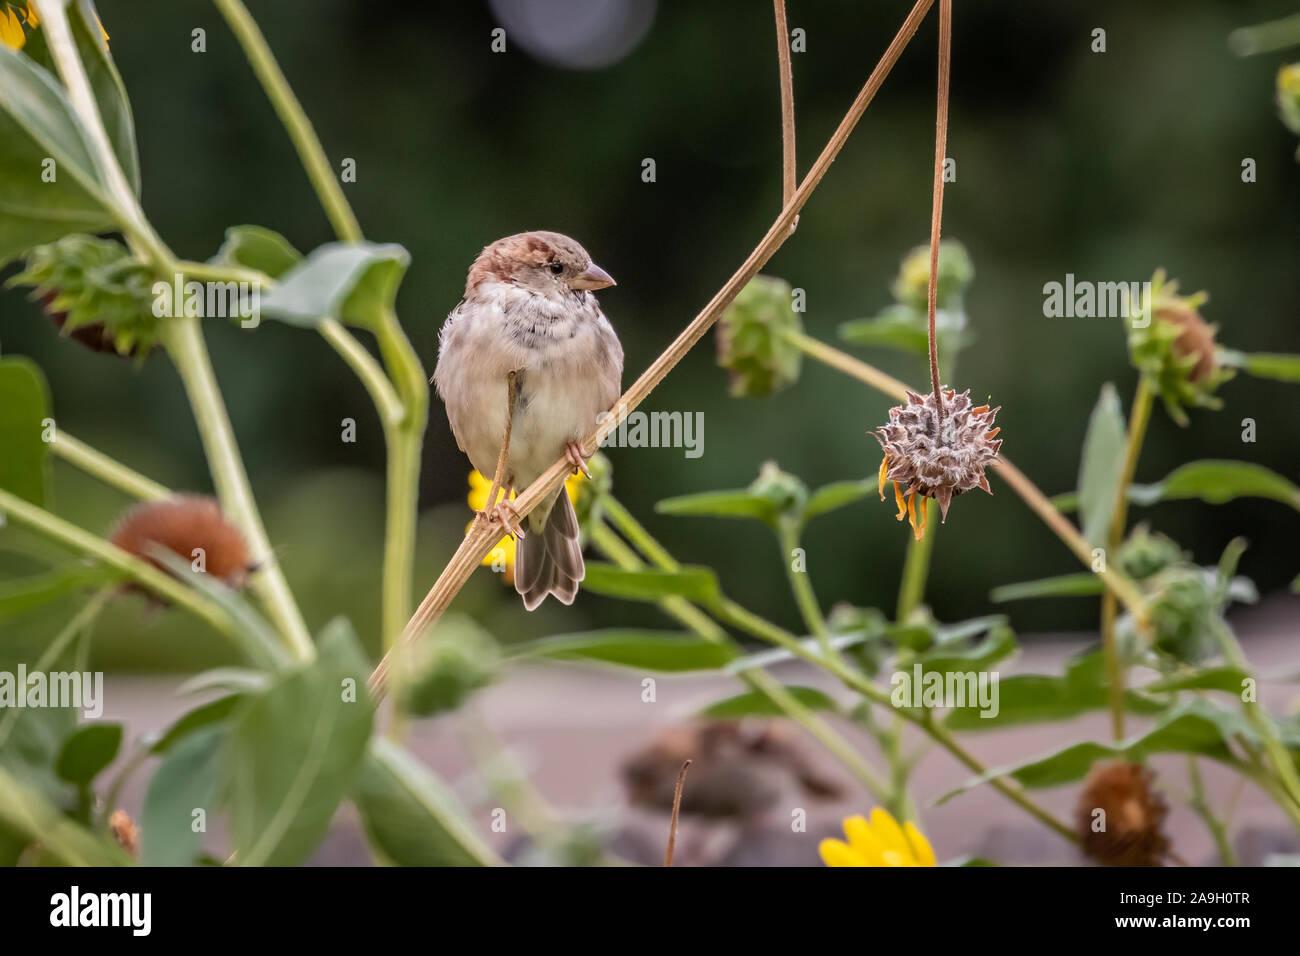 Gorrión (Passer domesticus) encaramado en un jardín trasero Foto de stock